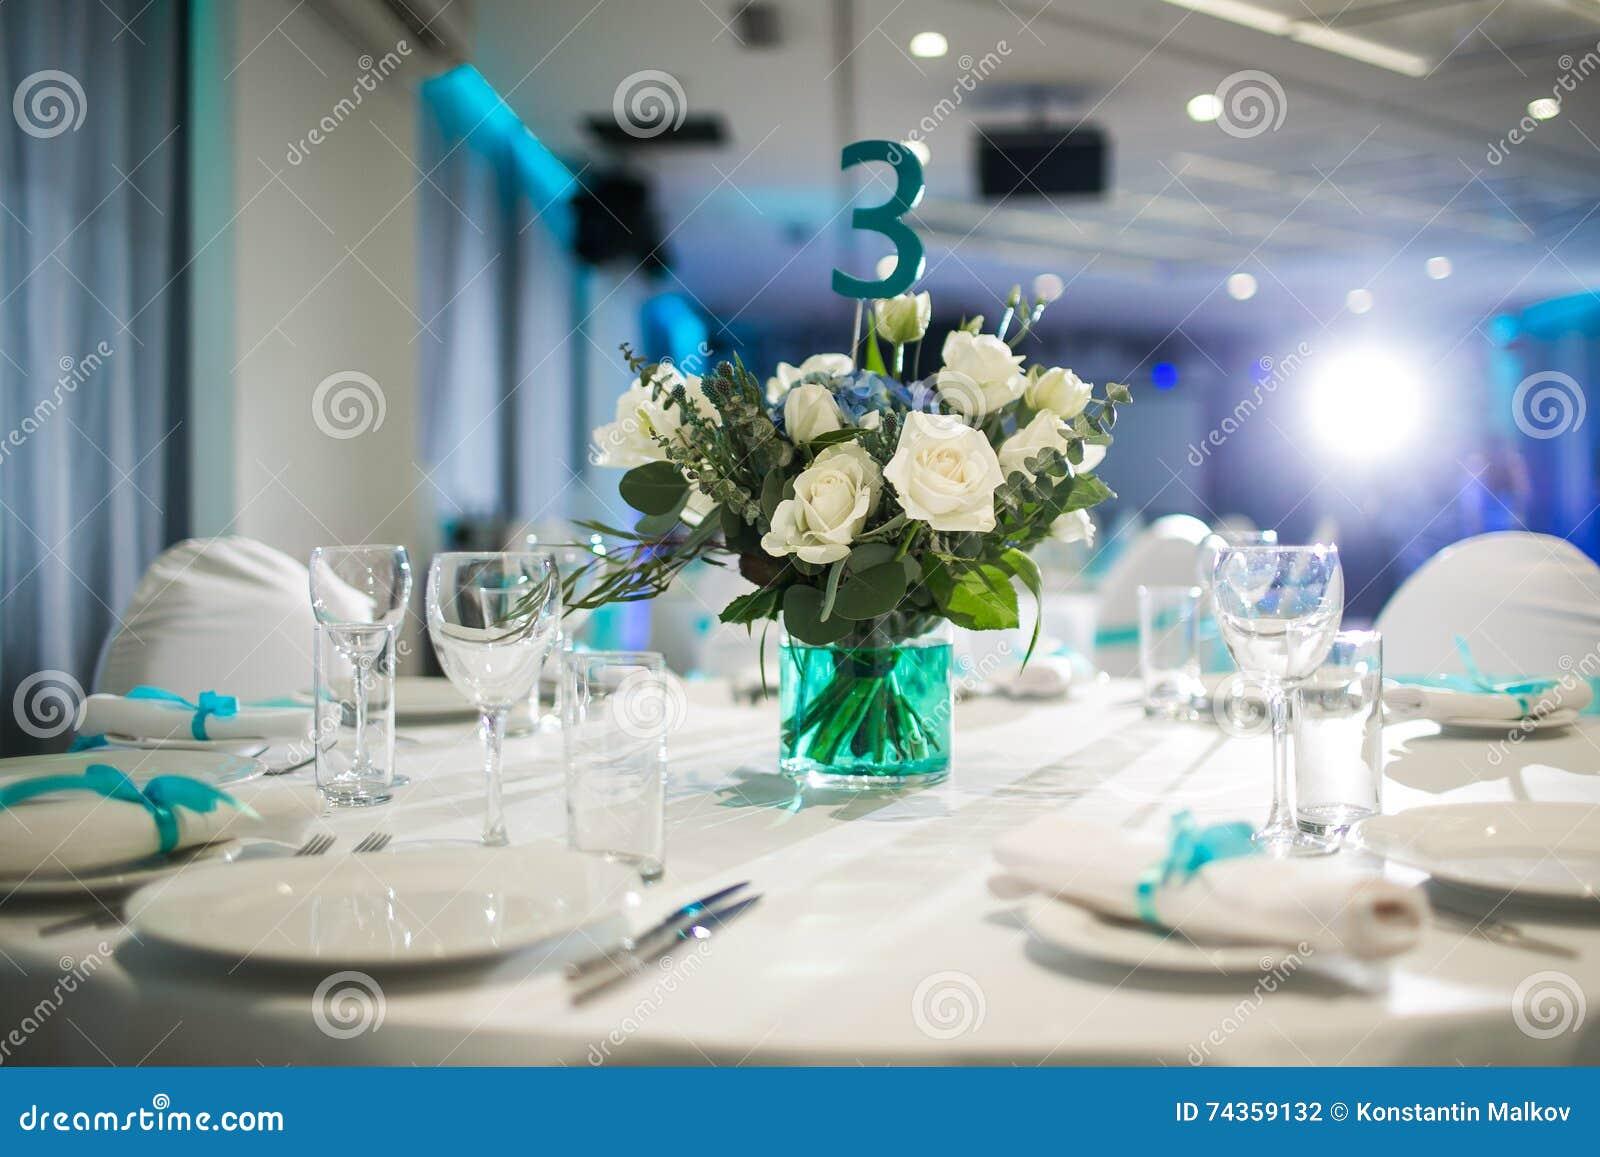 Υπέροχα οργανωμένο γεγονός - εξυπηρετούμενοι πίνακες συμποσίου έτοιμοι για τους φιλοξενουμένους